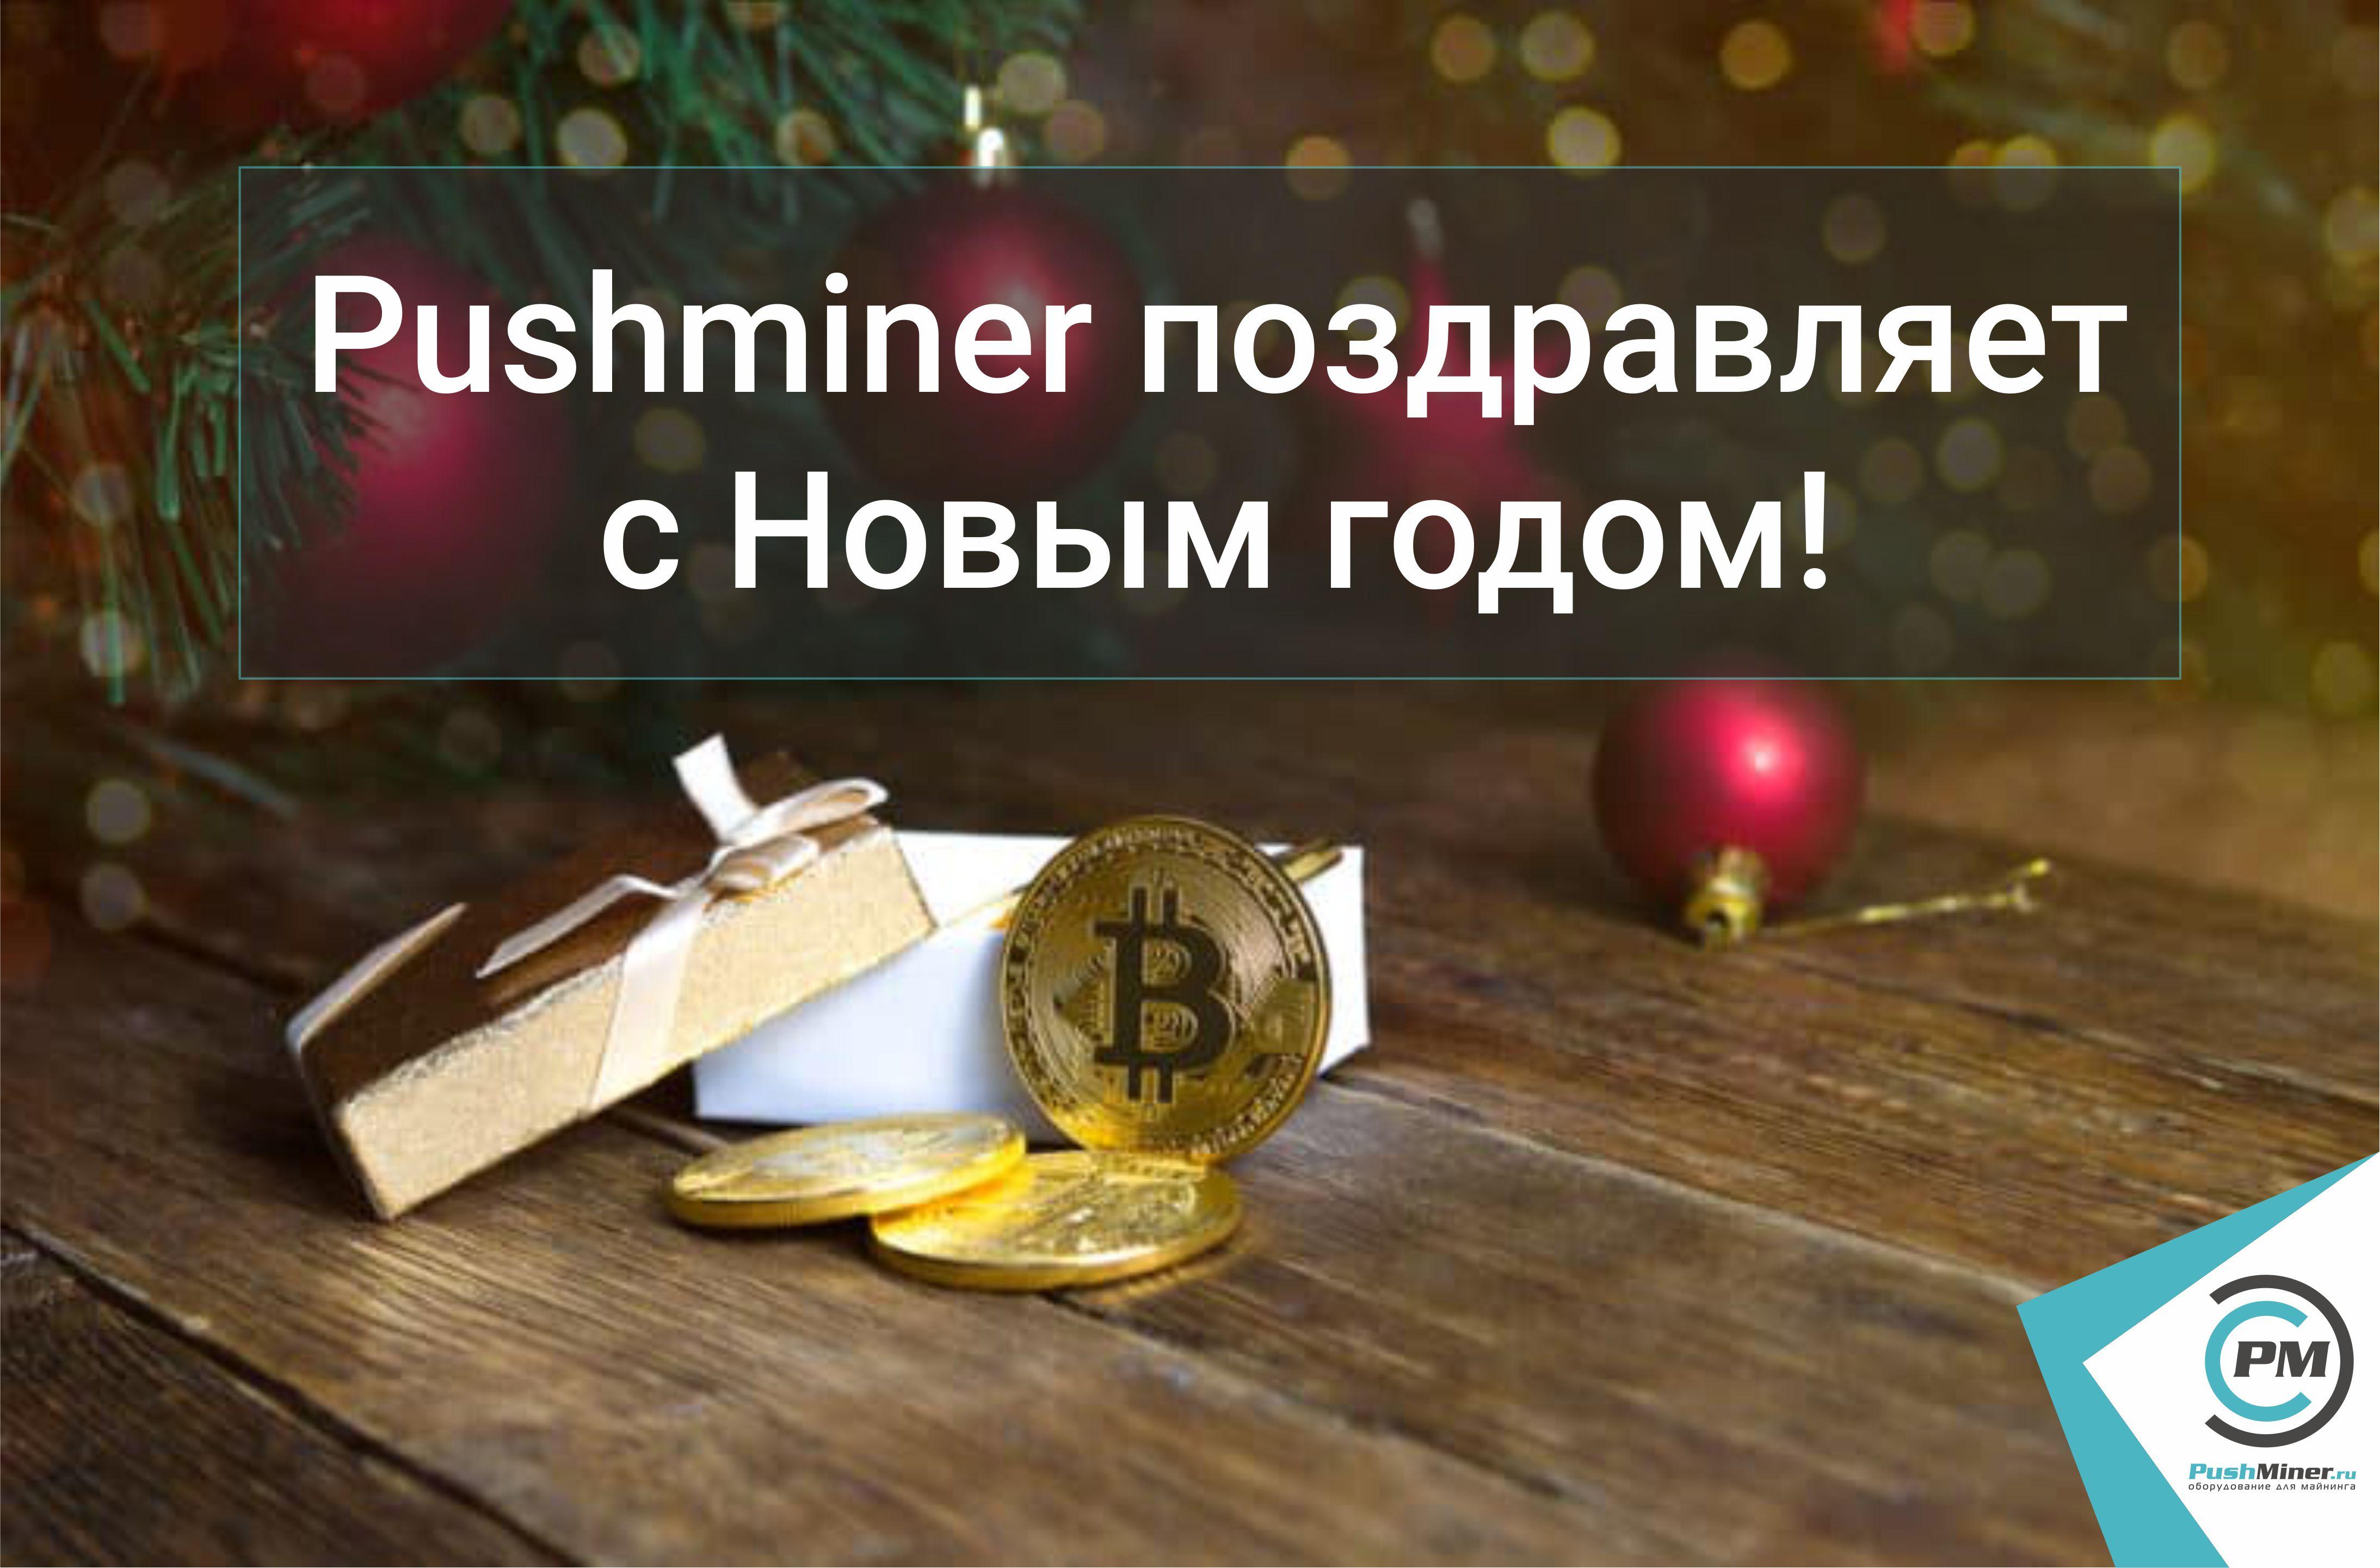 Pushminer поздравляет с Новым годом!